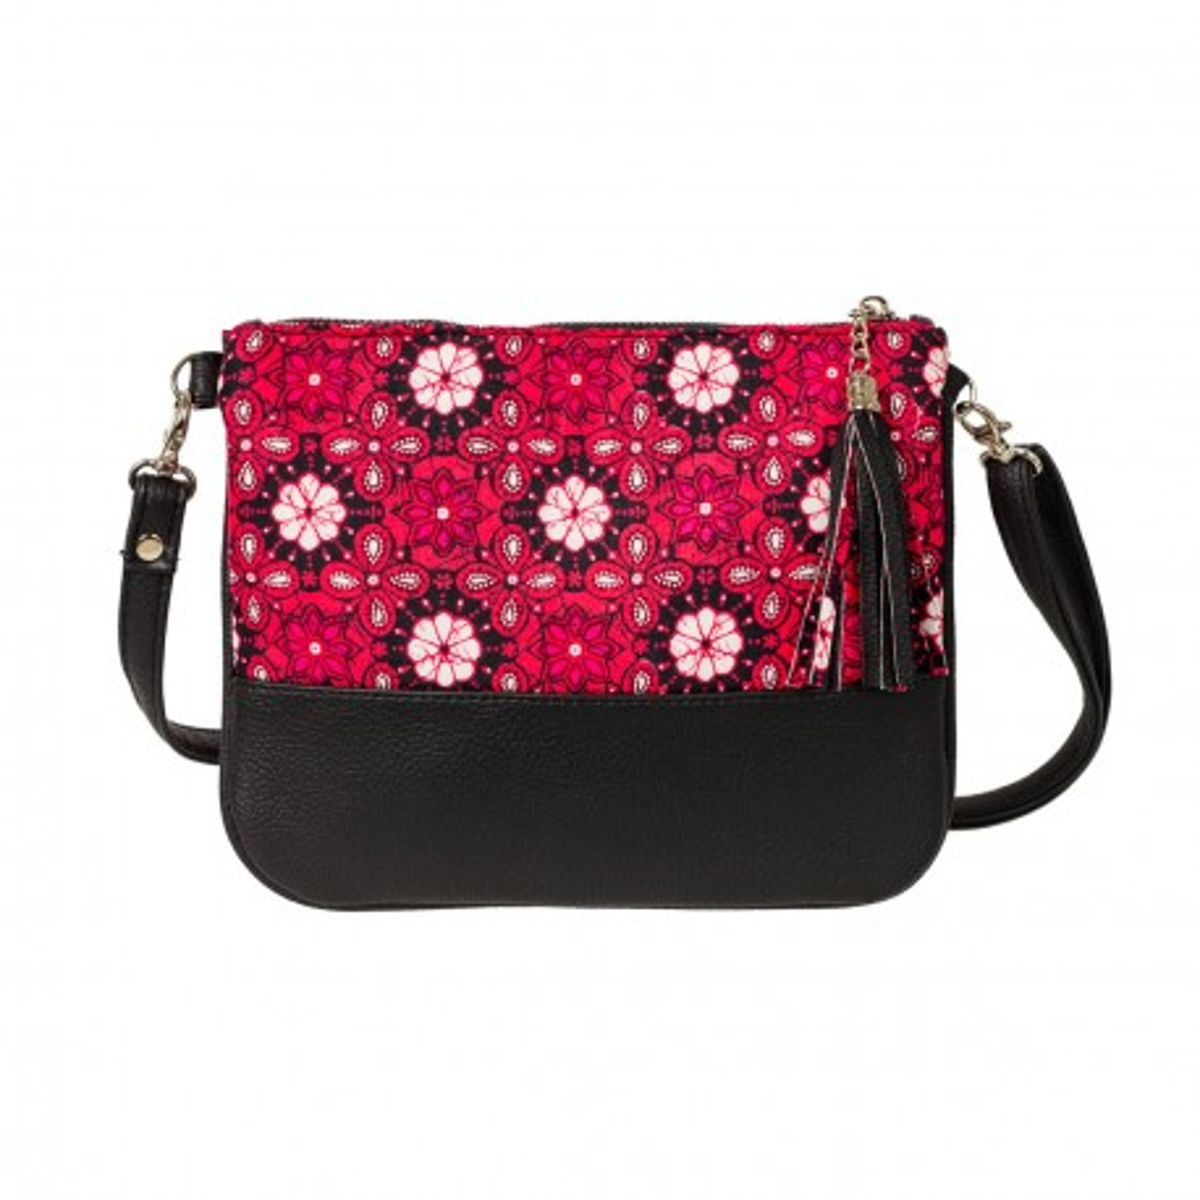 Sac pochette femme manis créateur rose et noir